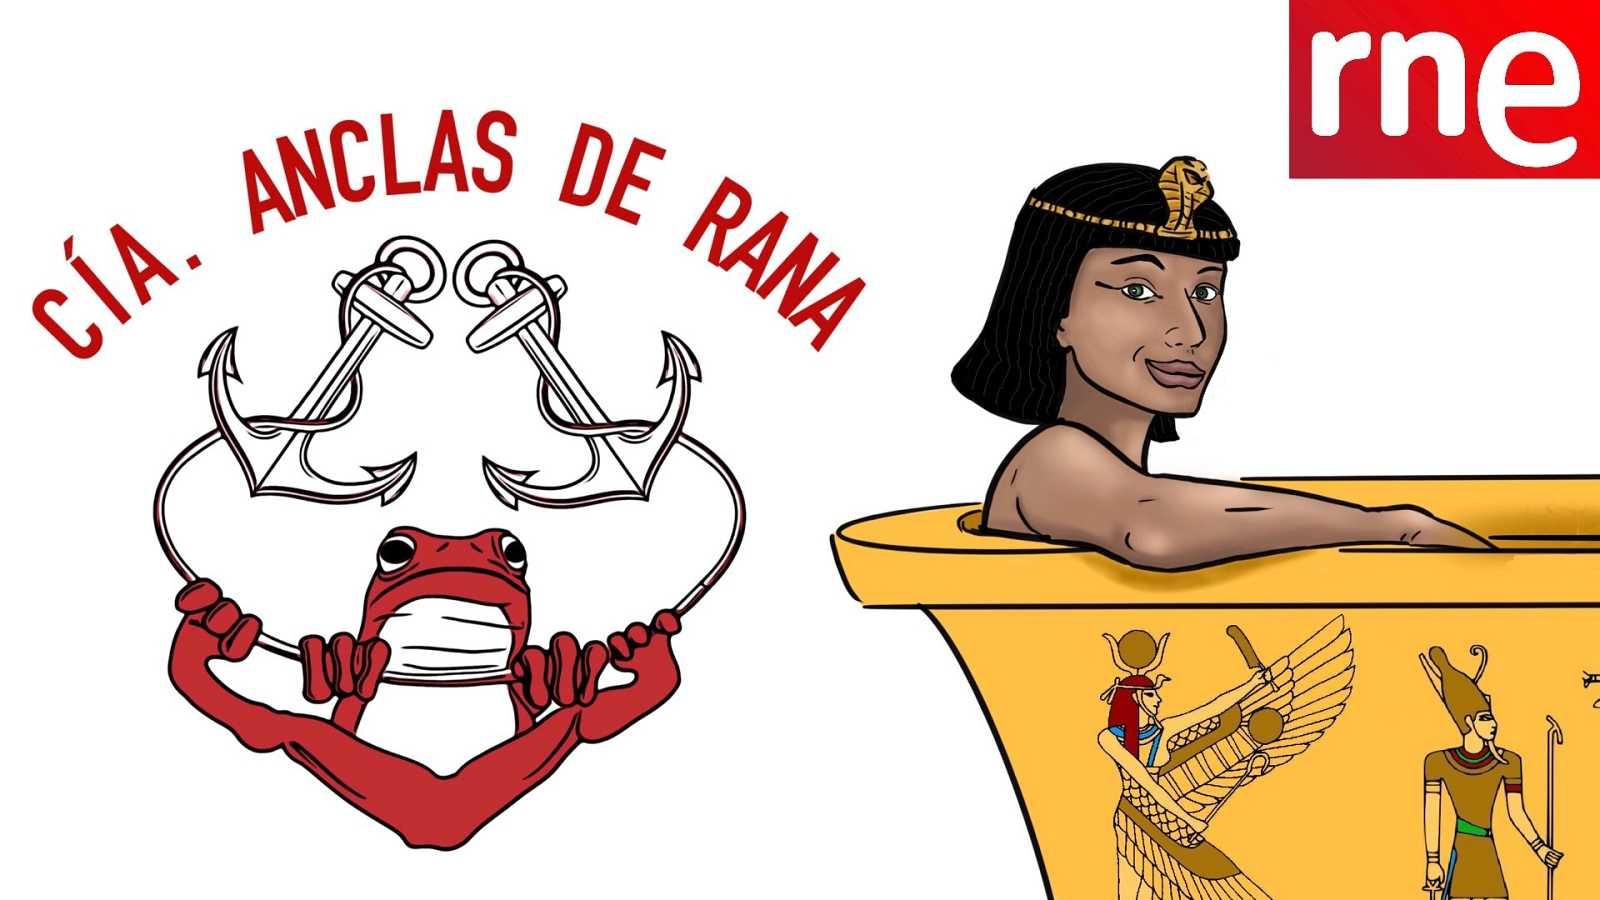 La sala - Cía. Anclas de rana: Desmontando a Cleopatra - 21/03/21 - Escuchar ahora